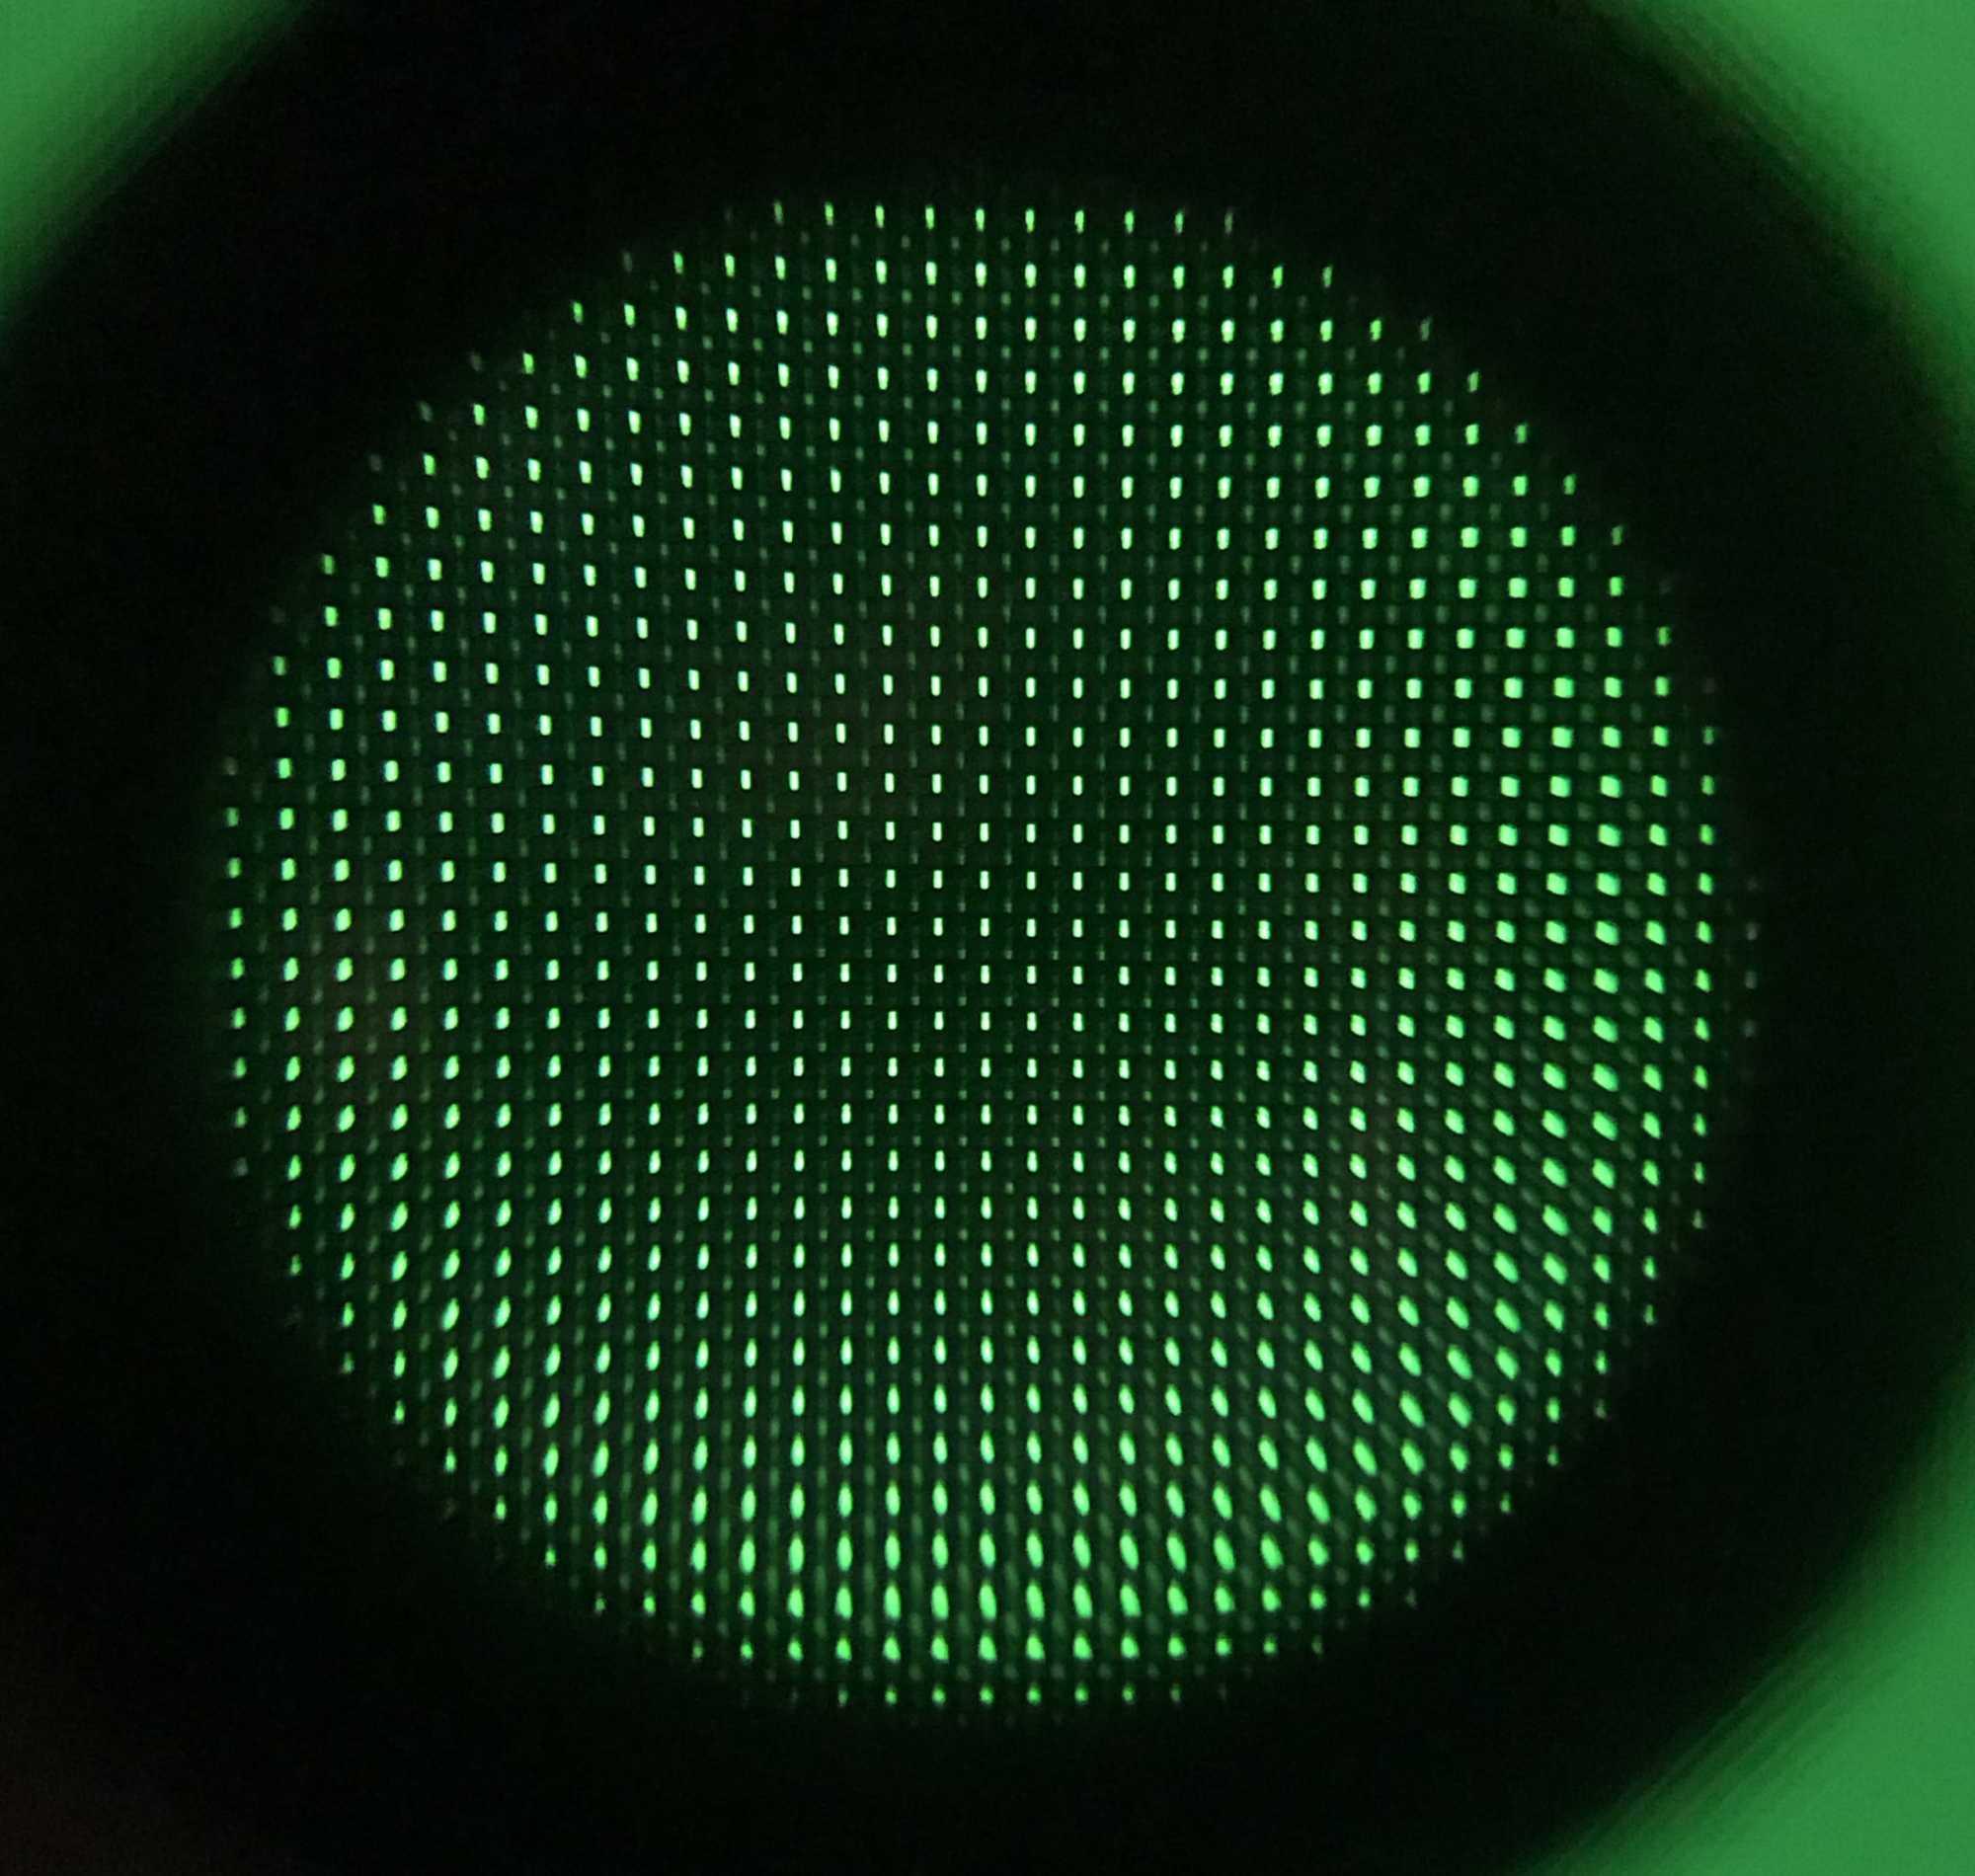 Unterm Mikroskop sieht man die grünen Pixel des VA-Panels, jeweils vier bilden ein Cluster: Das Pixel links oben leuchtet hell, eins nur schwach (rechts unten) und zwei sehr schwach (rechts oben und links unten). Die blauen und roten Subpixel in den vier Bildpunkten sind komplett aus.